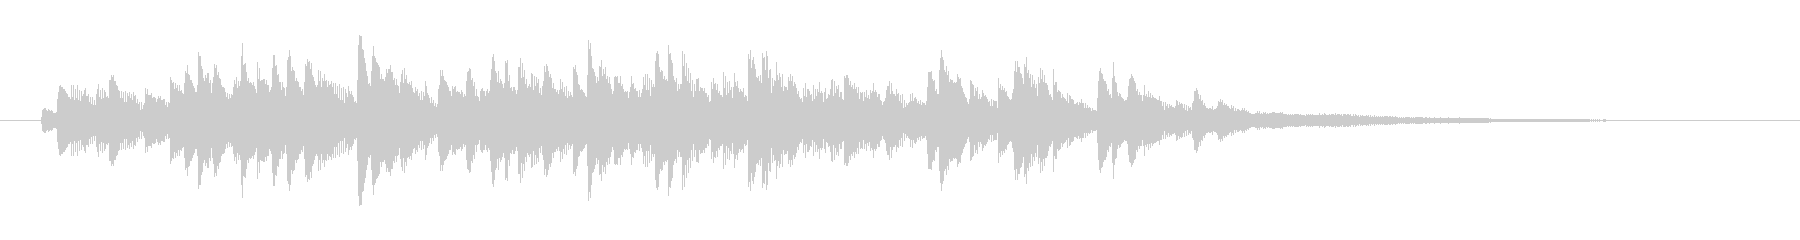 ピアノのリラクゼーションミュージックの未再生の波形